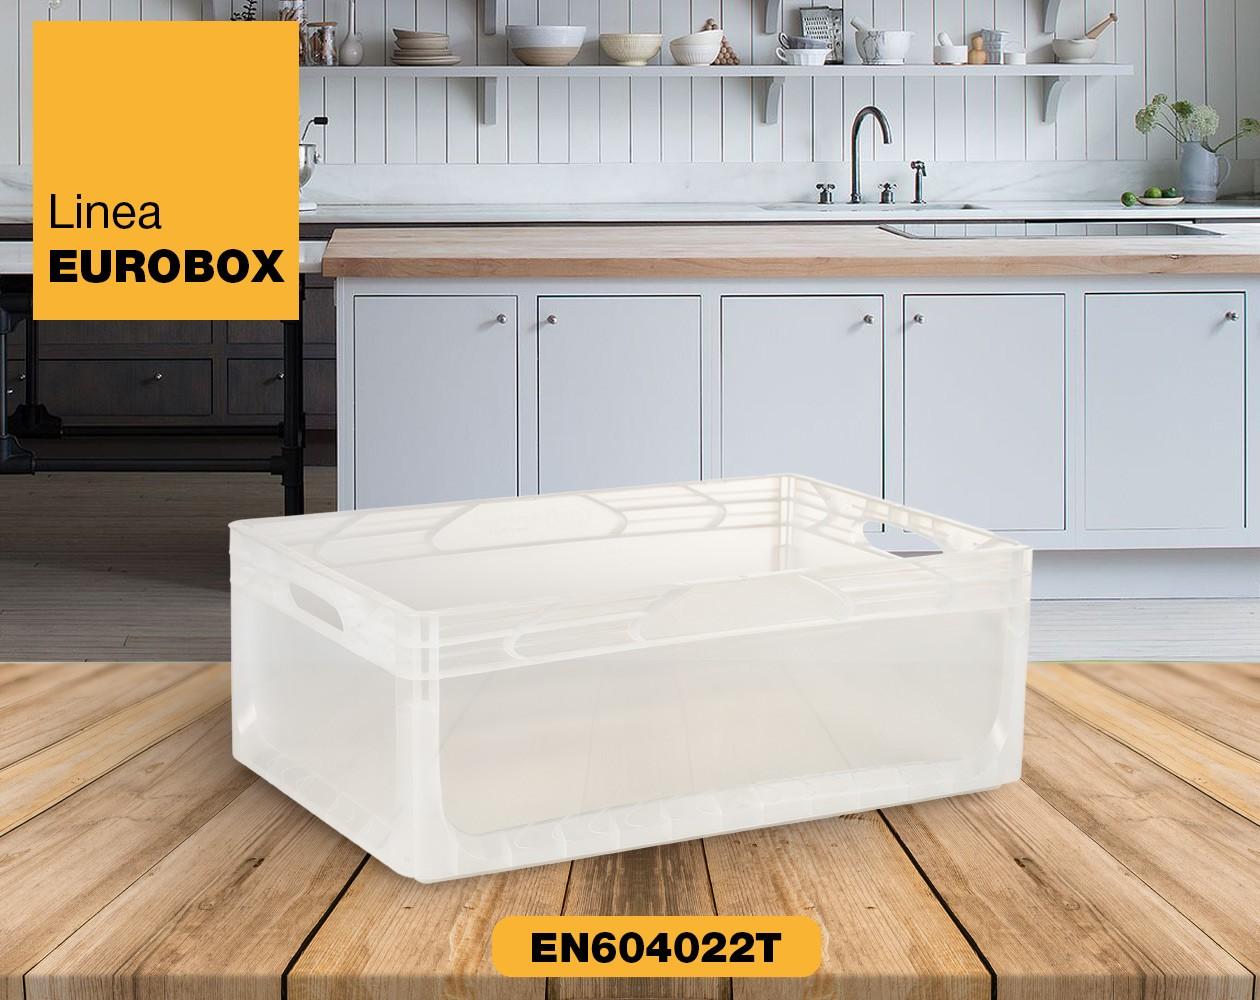 Contenitore in plastica per alimenti EUROBOX EN604022T